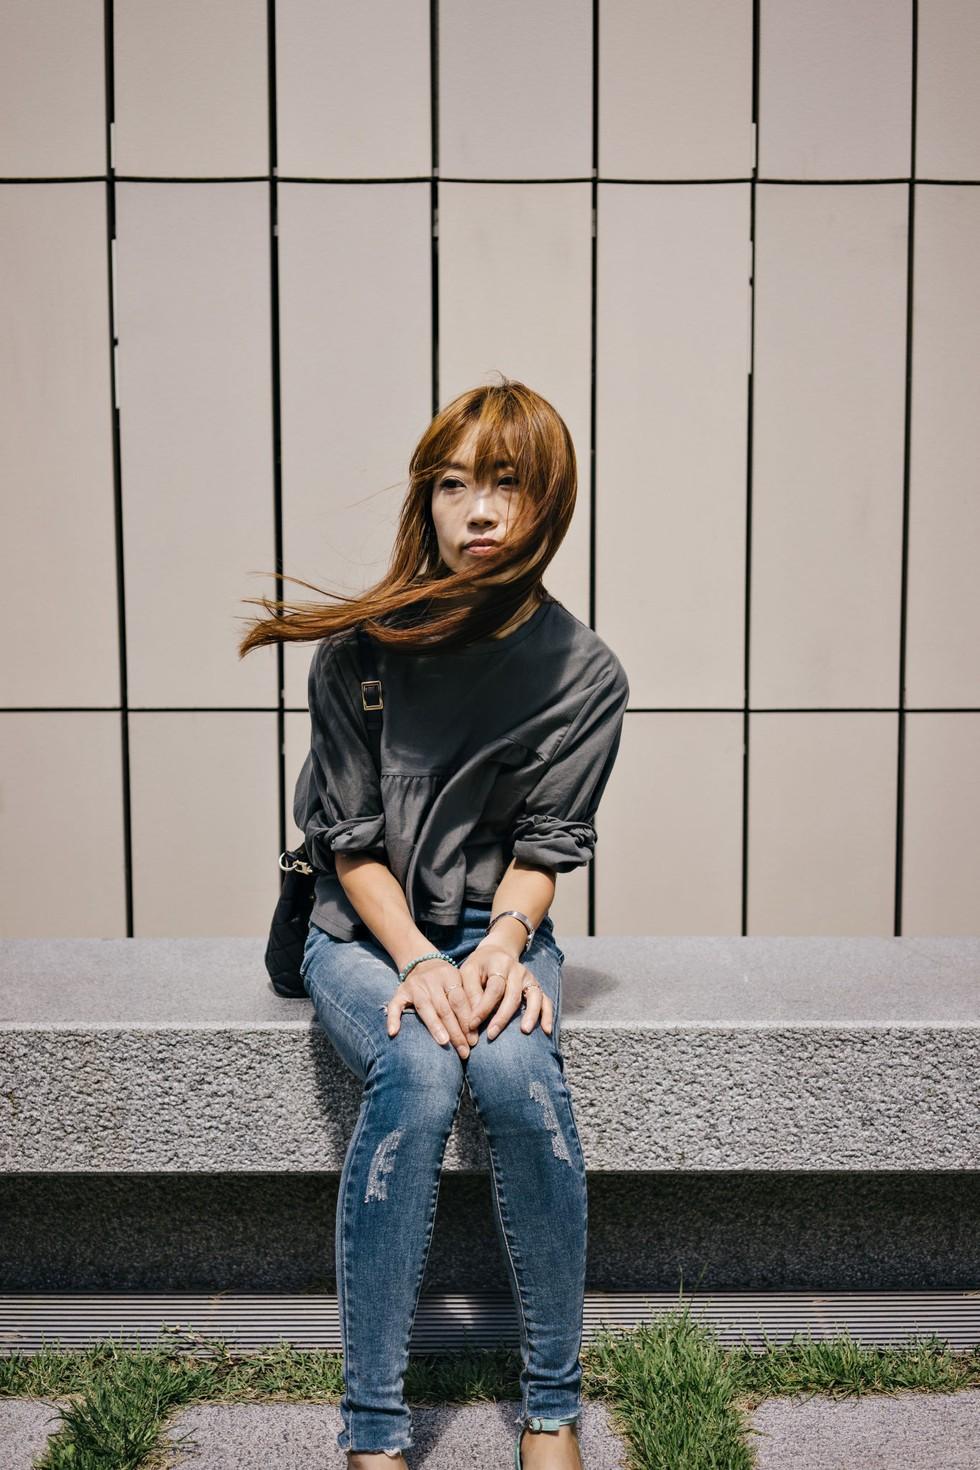 Yoon Kyung Kim, artist